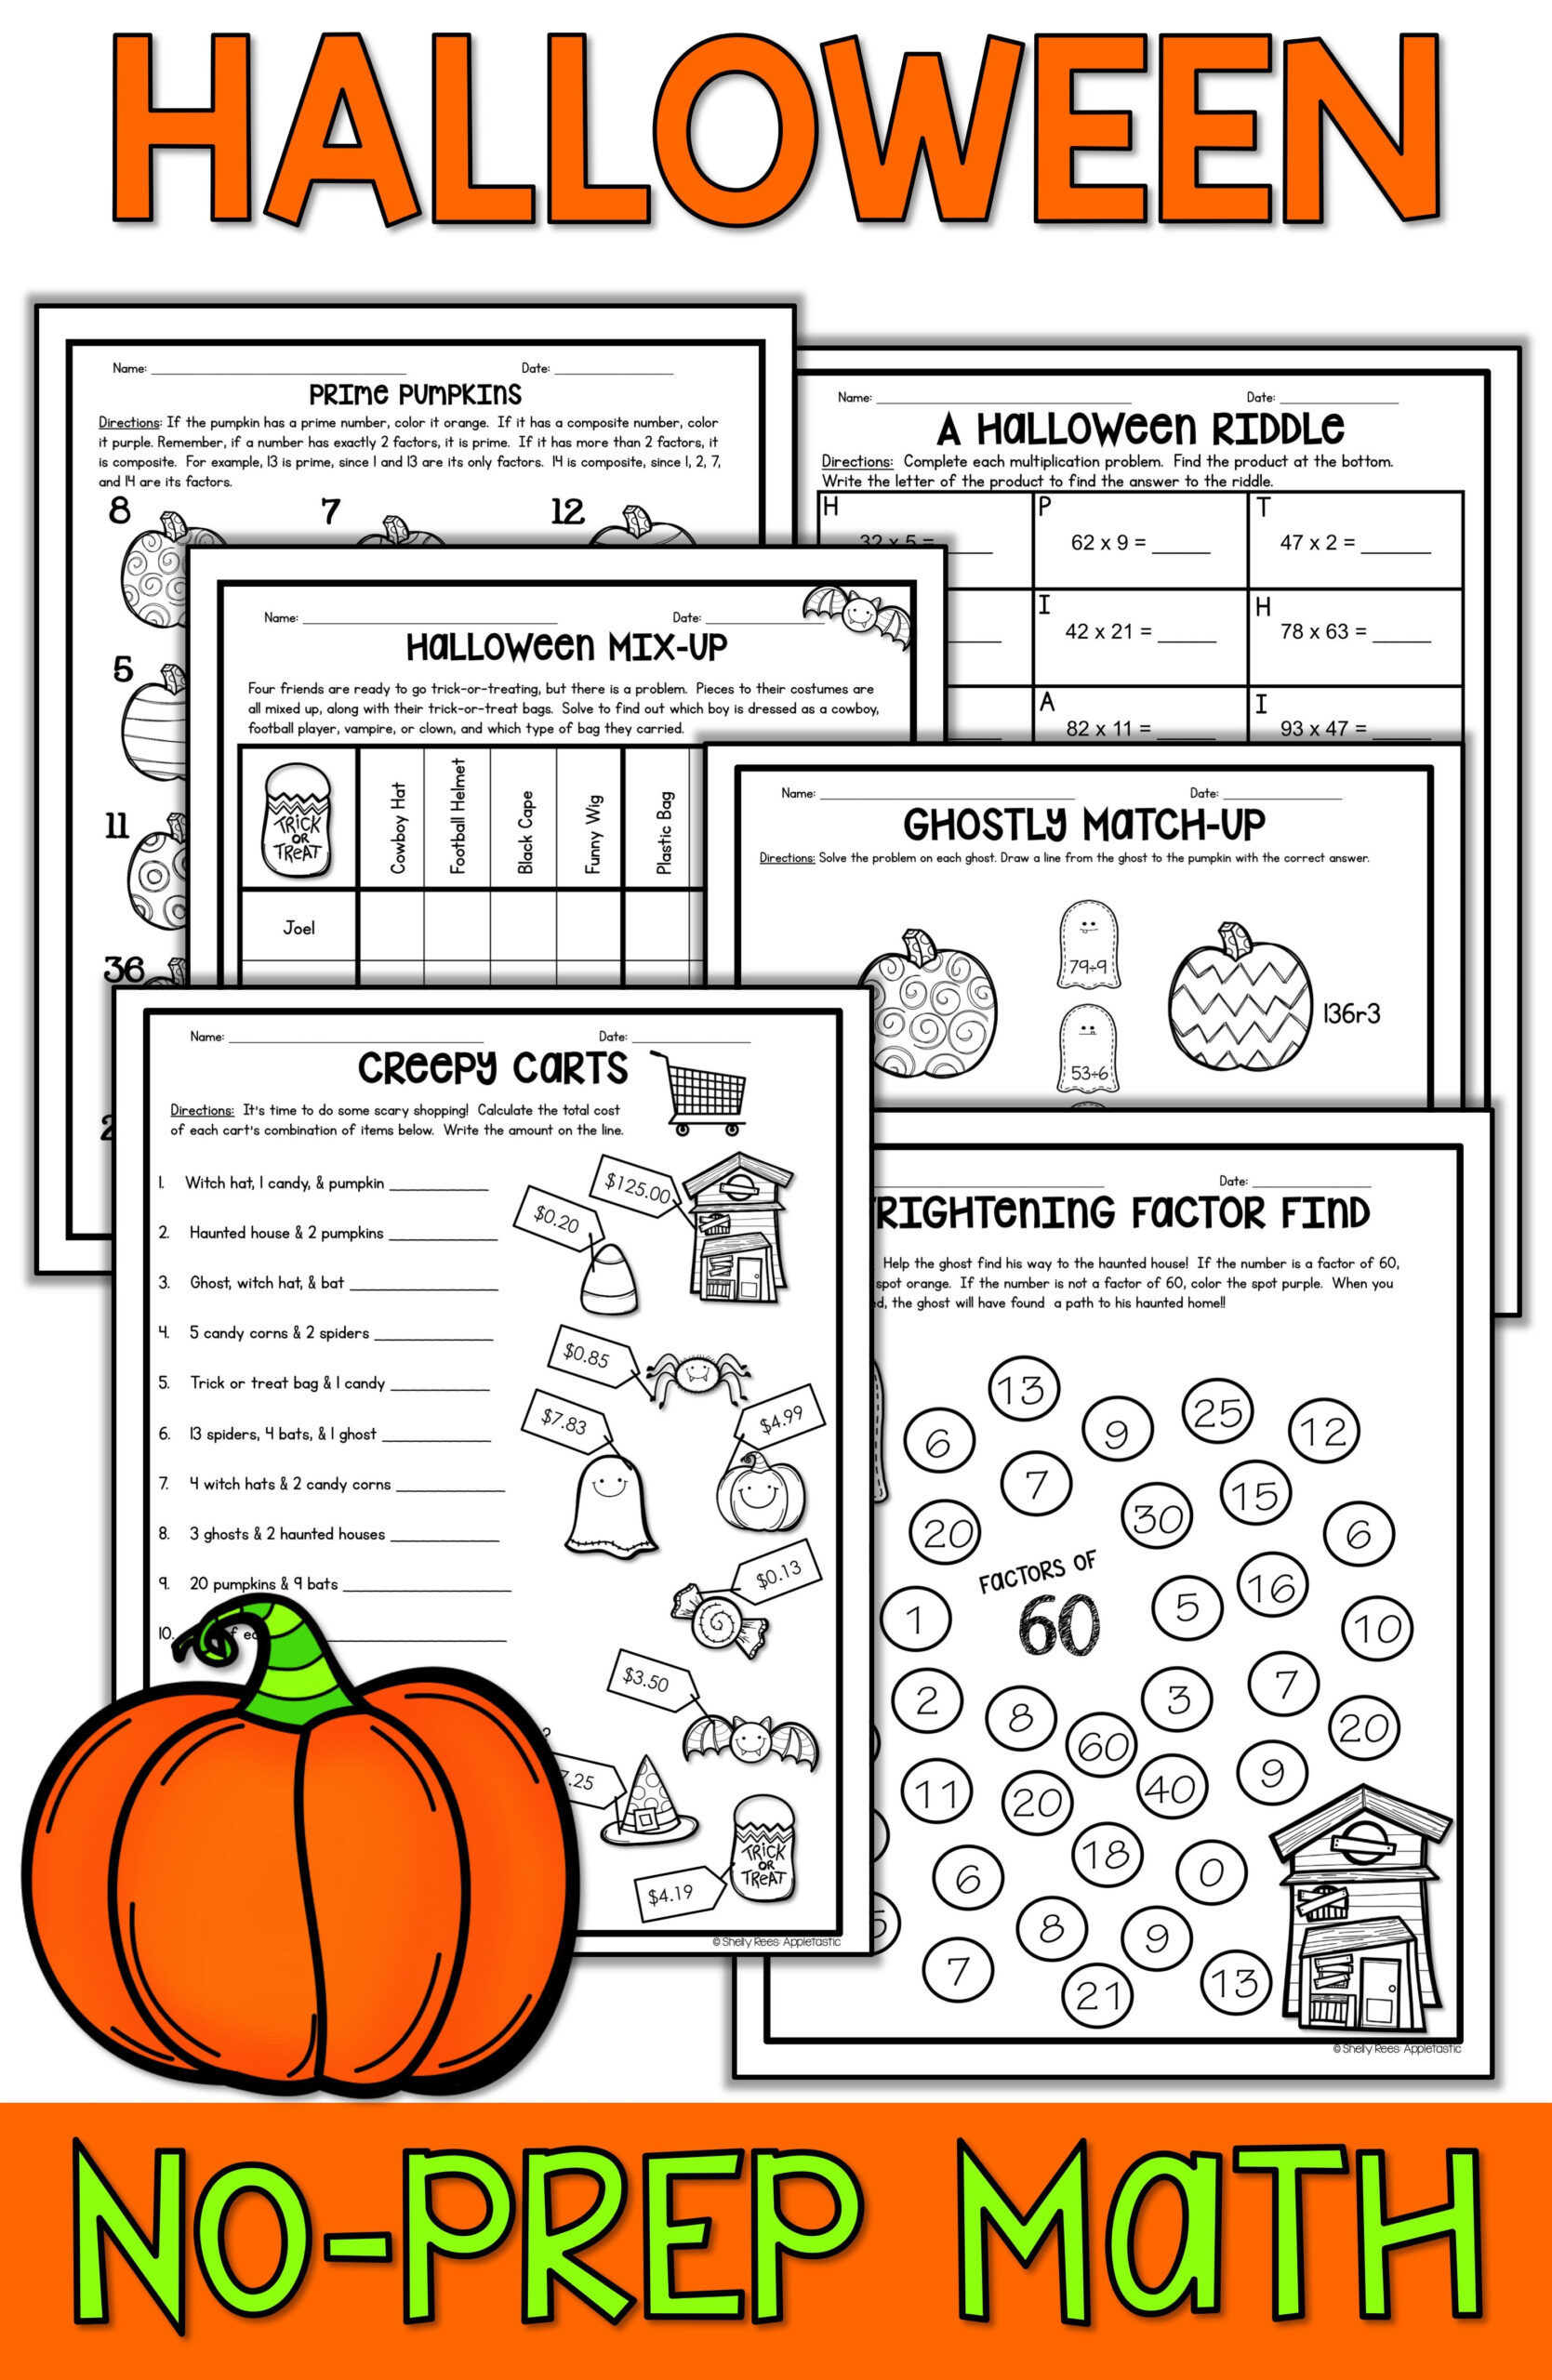 Halloween Math Worksheets | Halloween Math Worksheets, Math